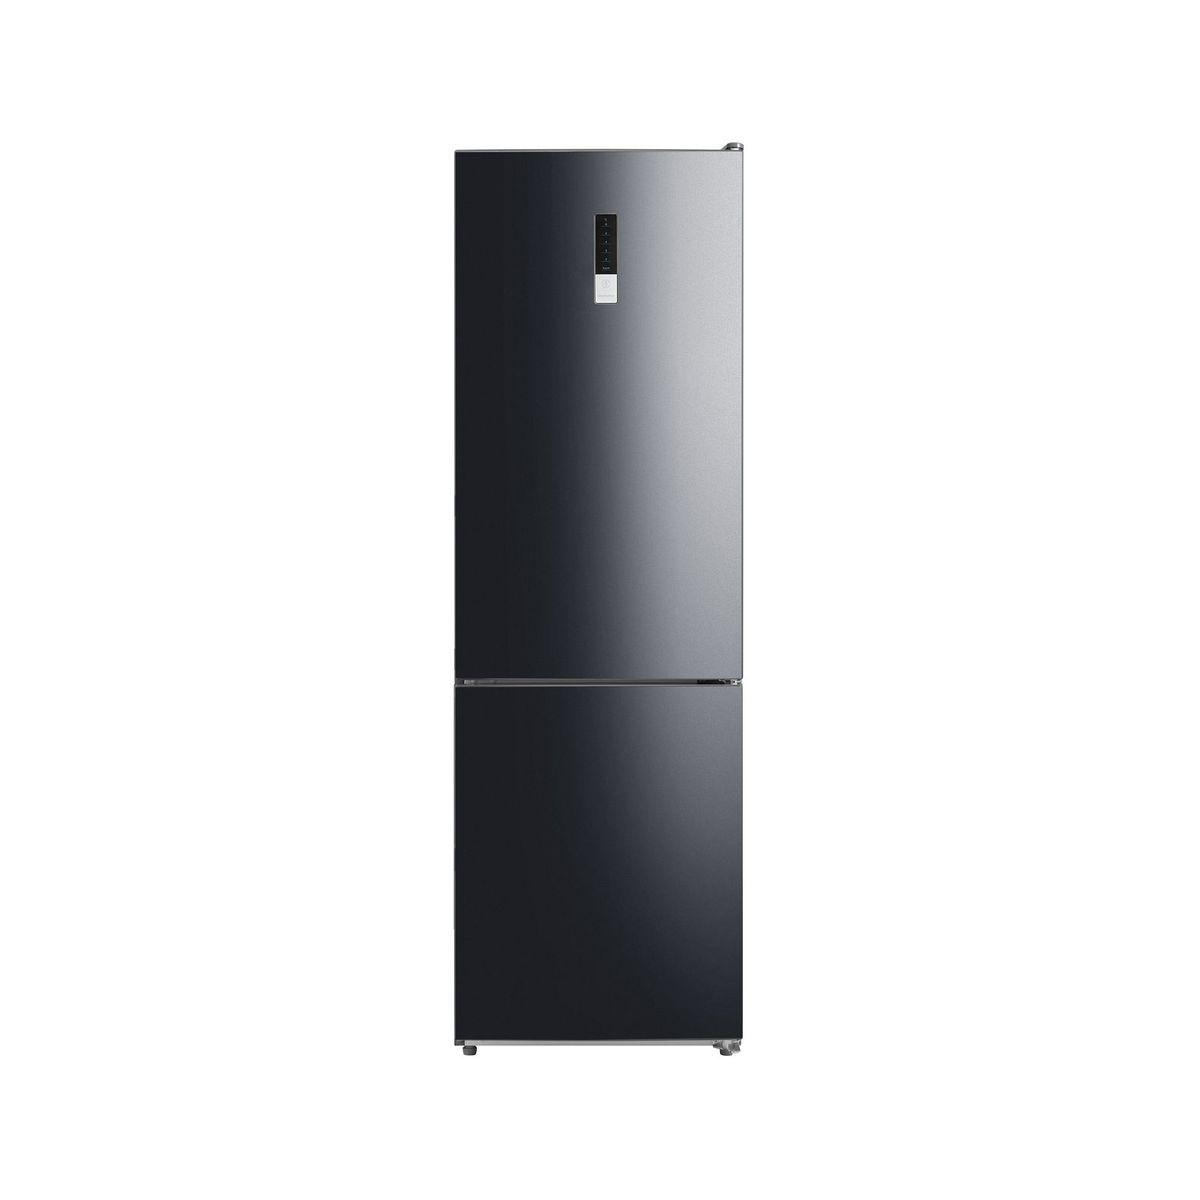 Réfrigérateur combiné 155448, 295 L, Froid no frost